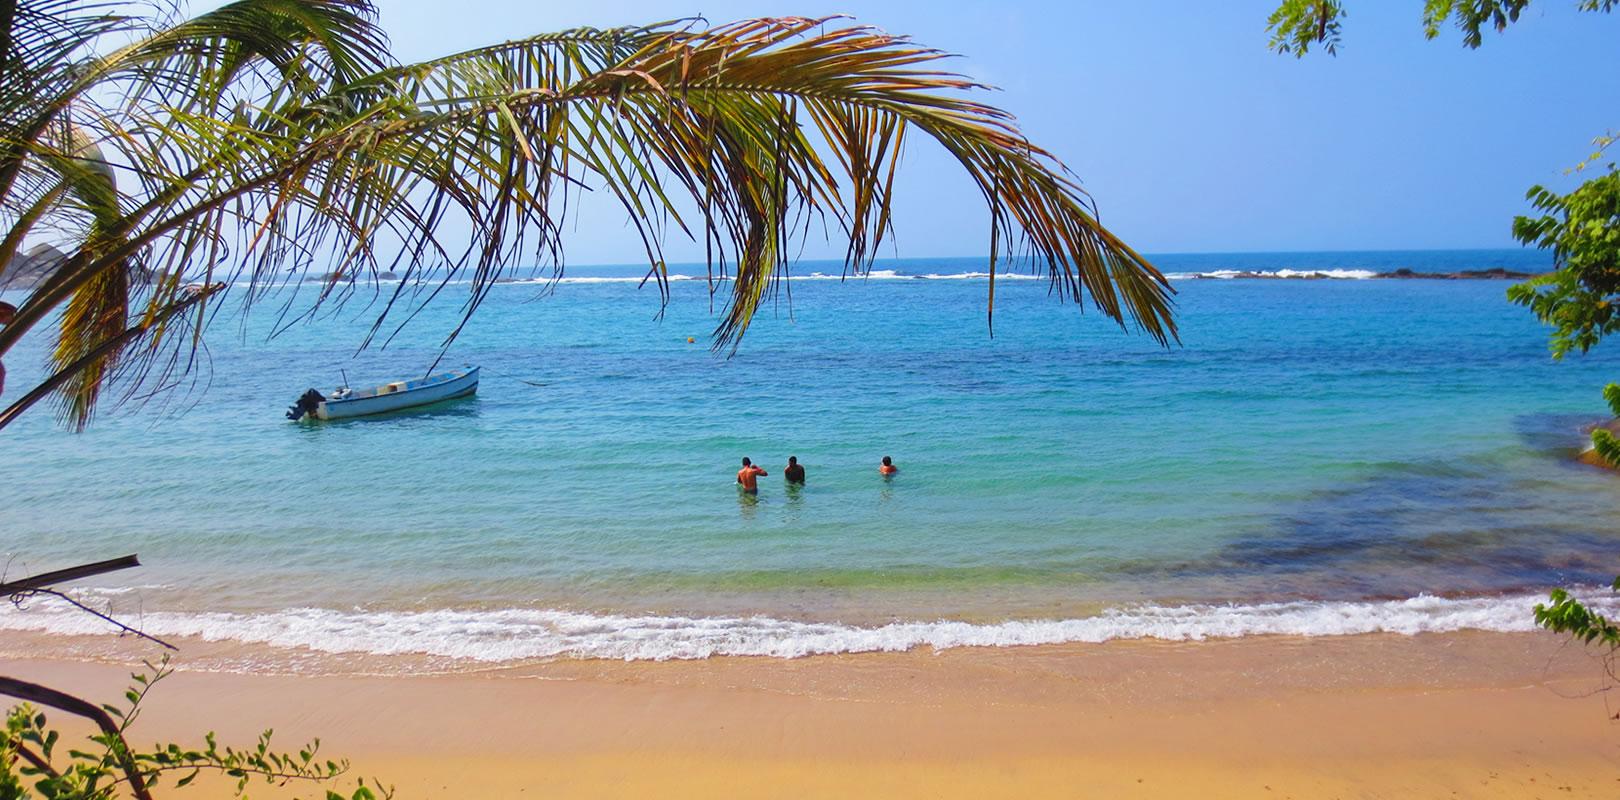 Recorriendo el mar turquesa del caribe colombiano 1